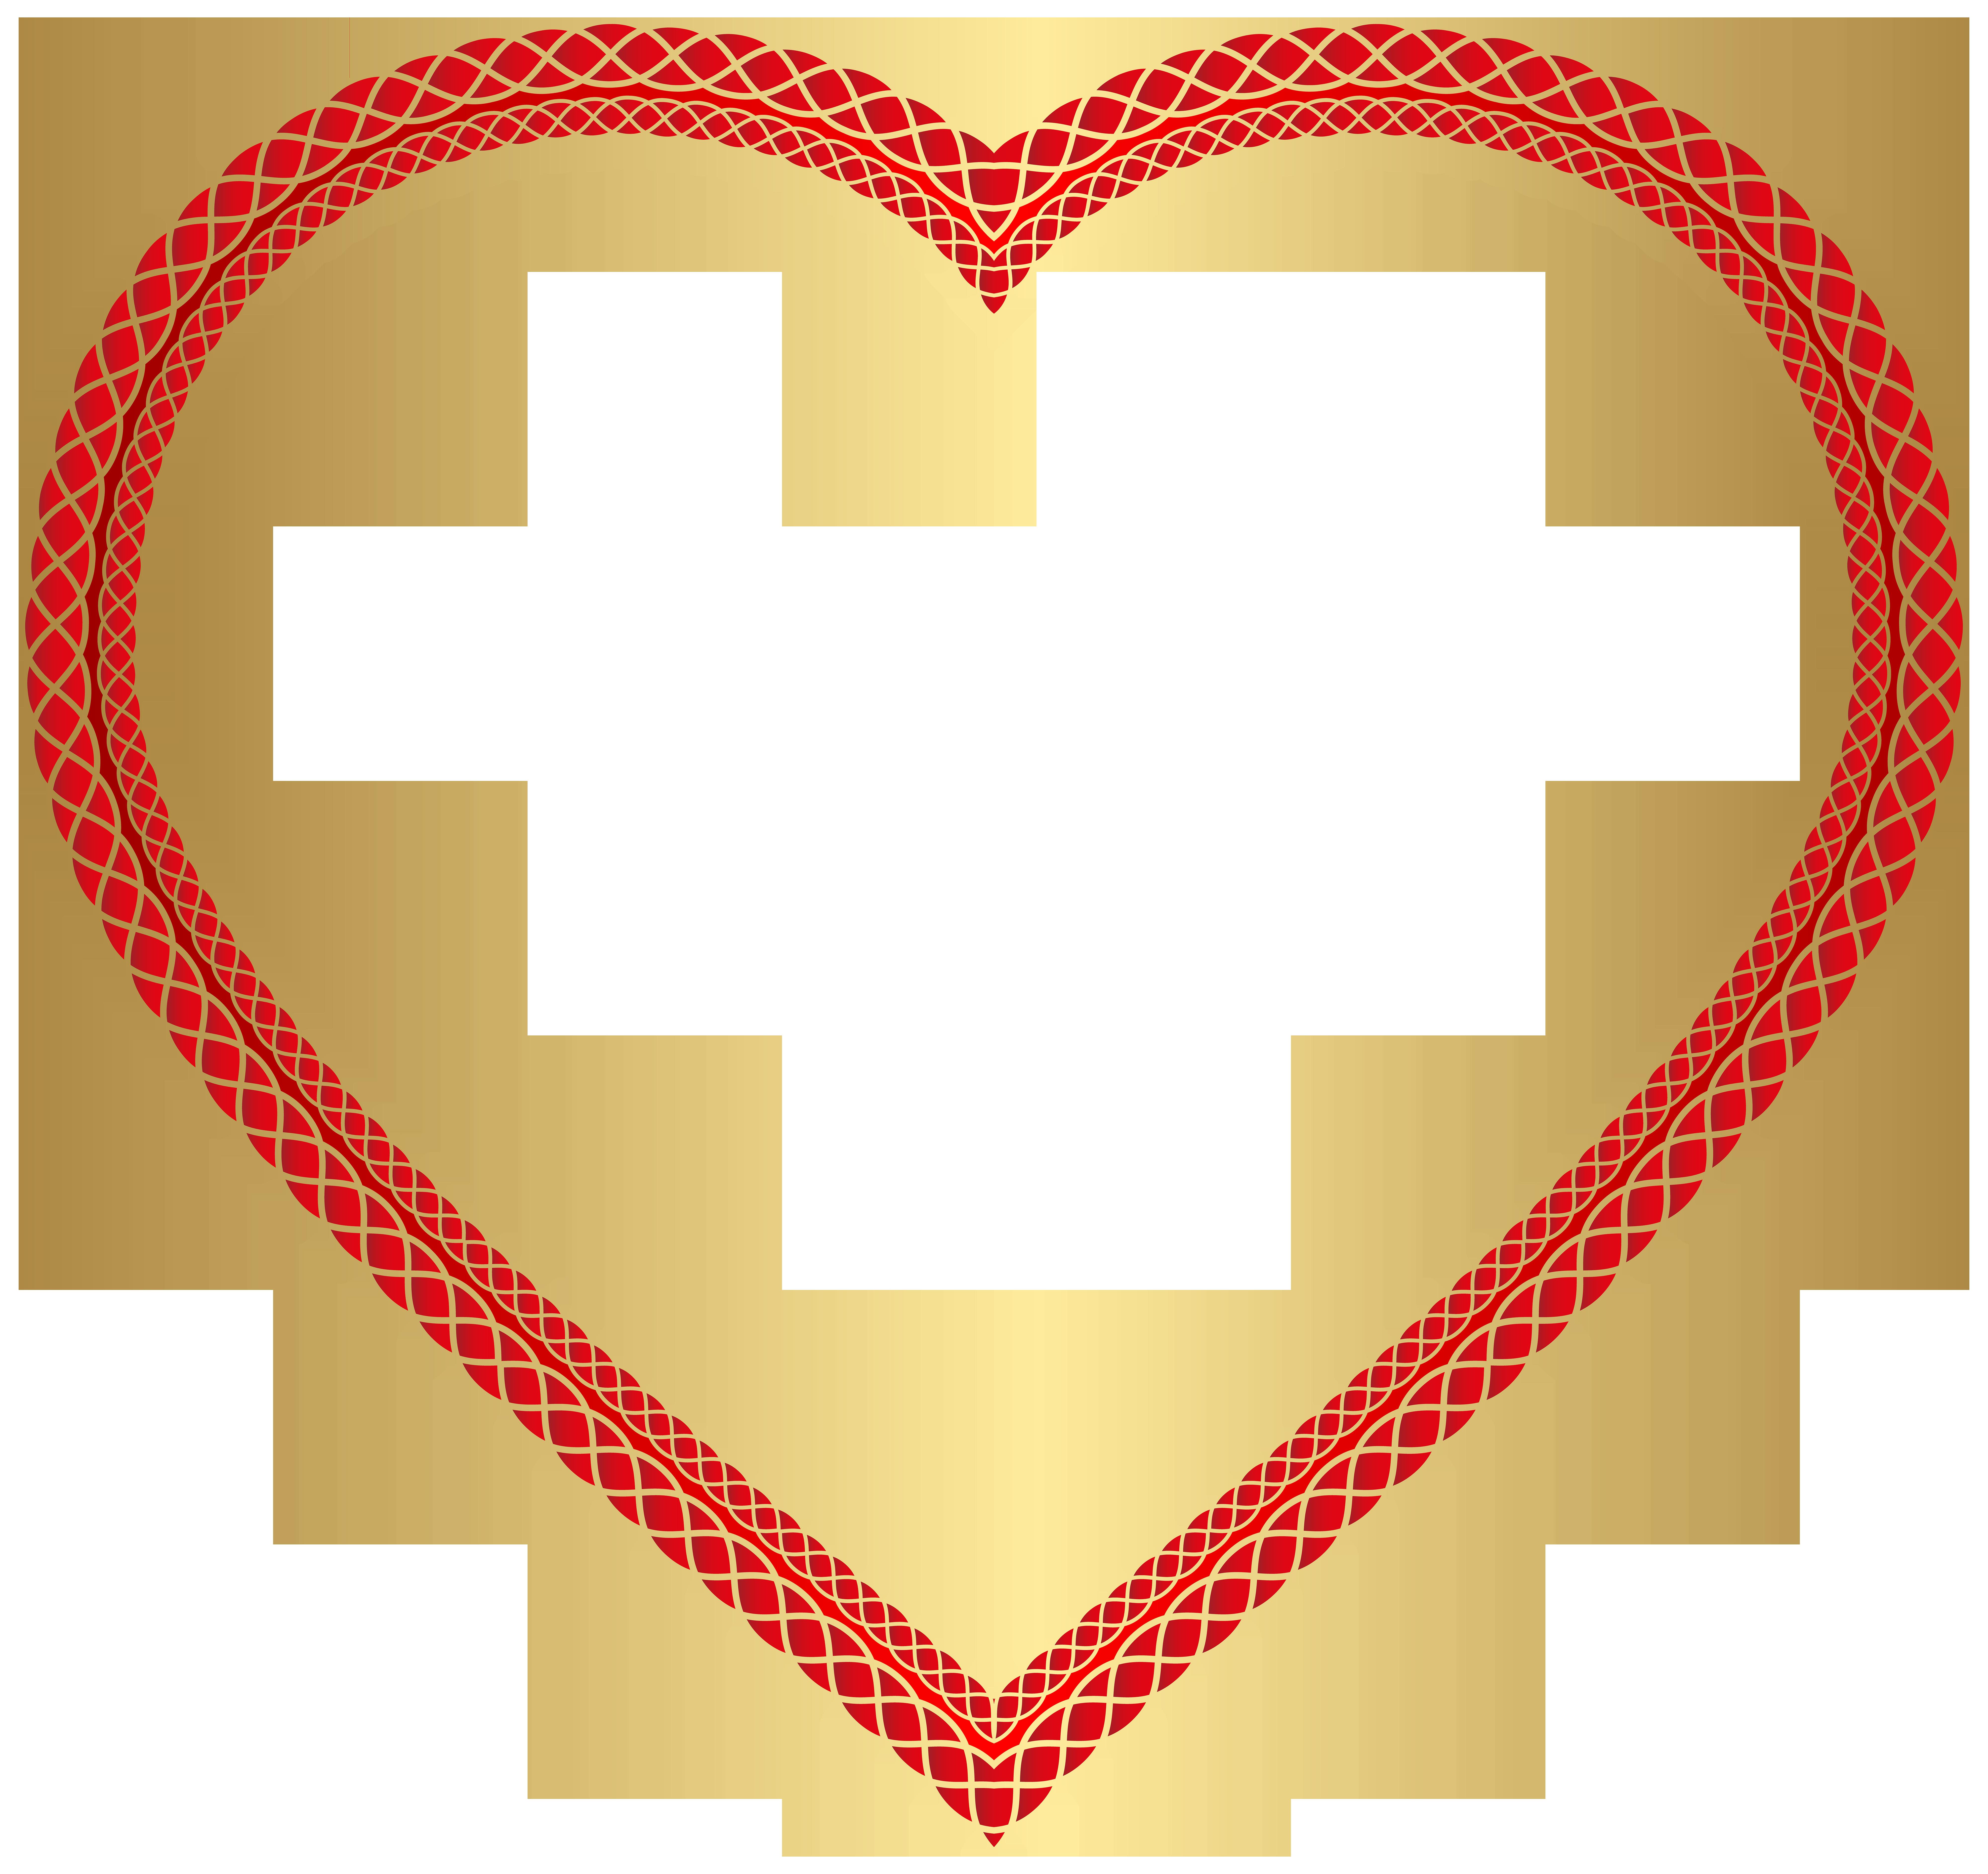 Transparent Heart Shape Clip Art Image.